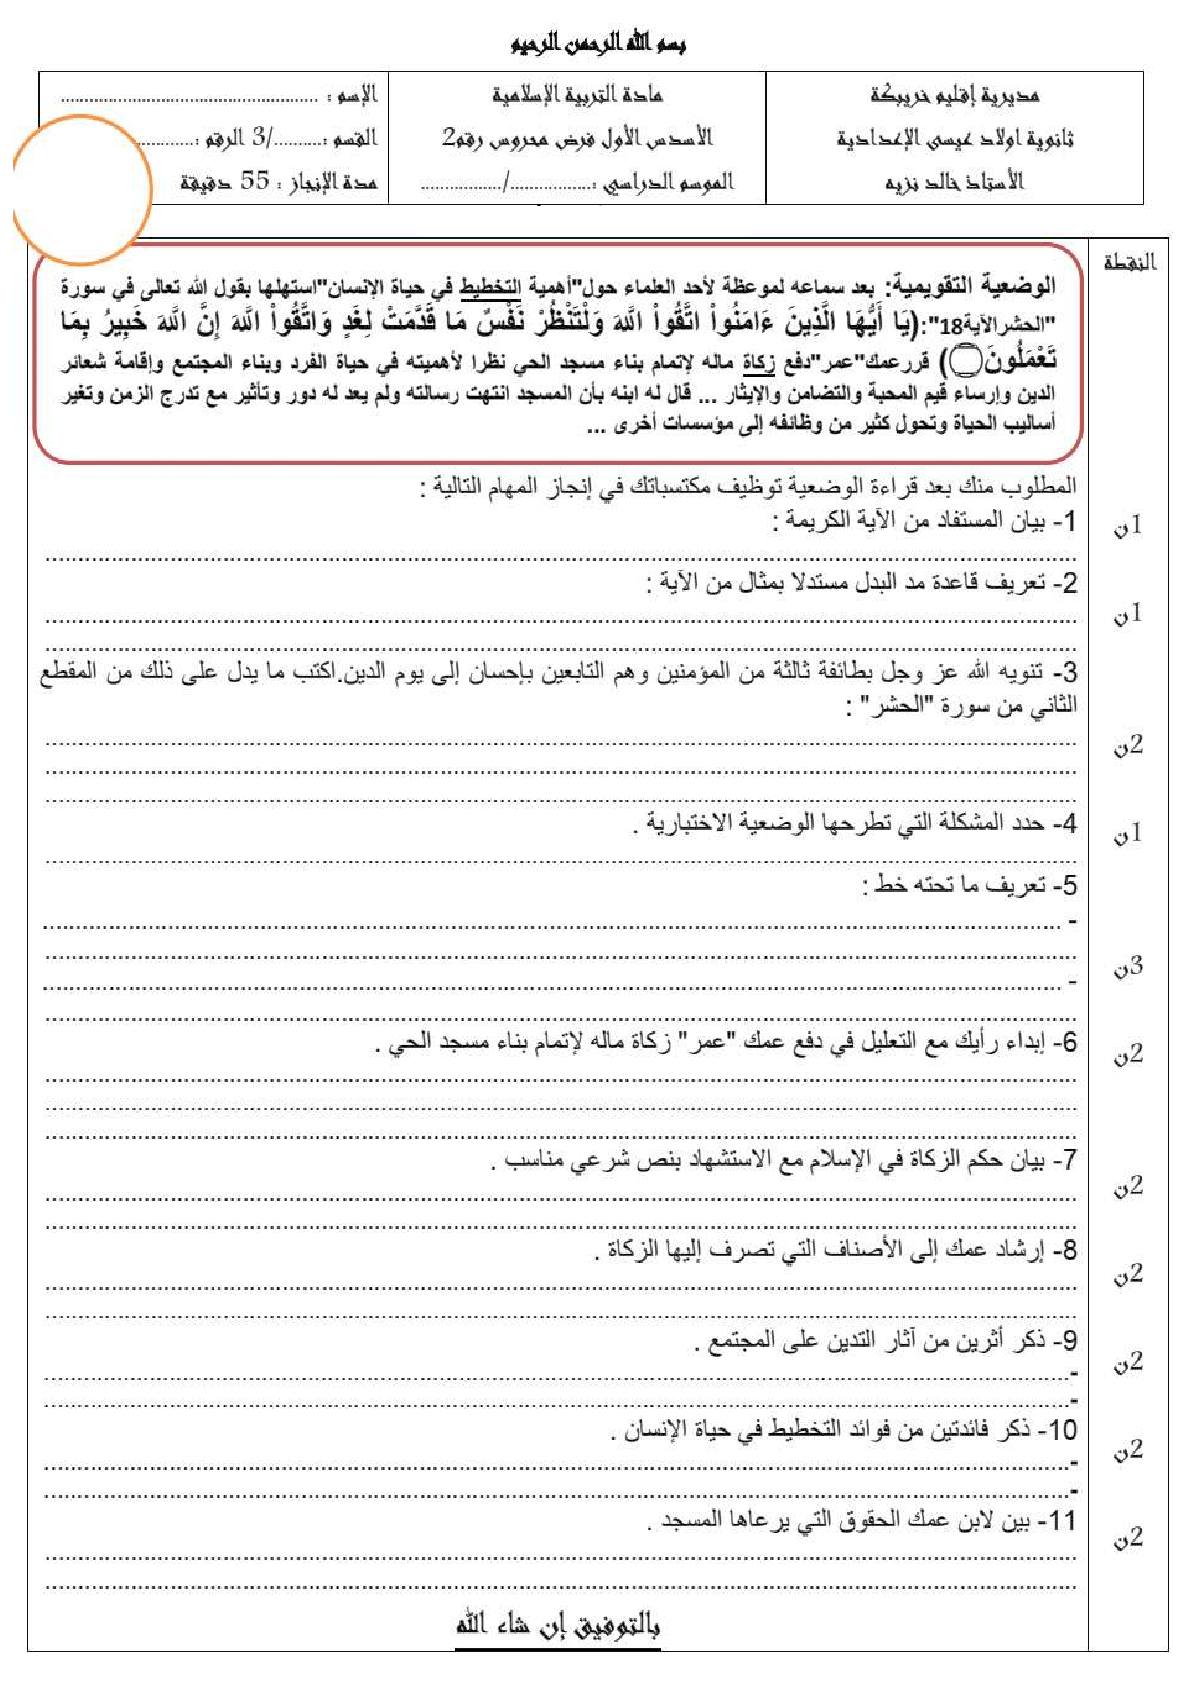 الفرض الاول بمادة التربية الاسلامية للسنة الثالثة اعدادي